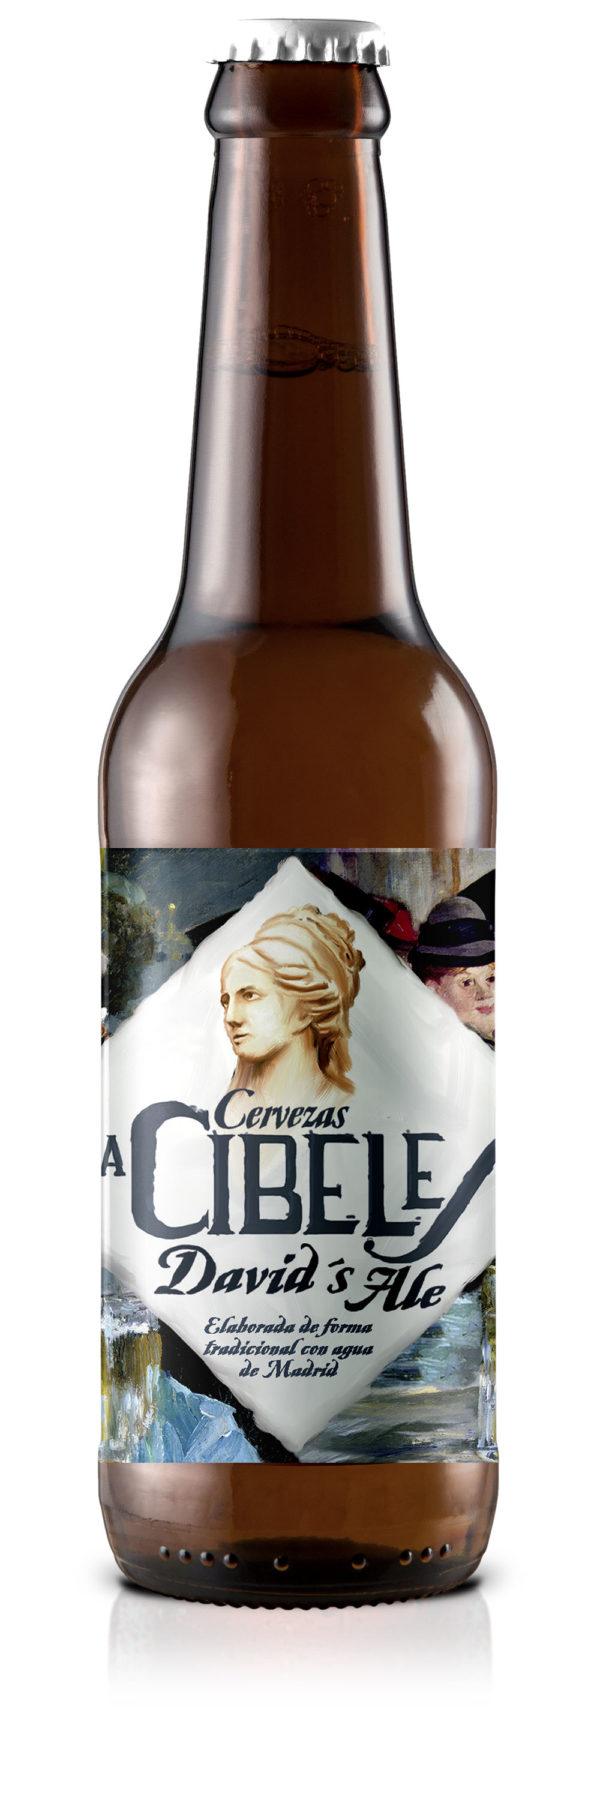 David's Ale La Cibeles